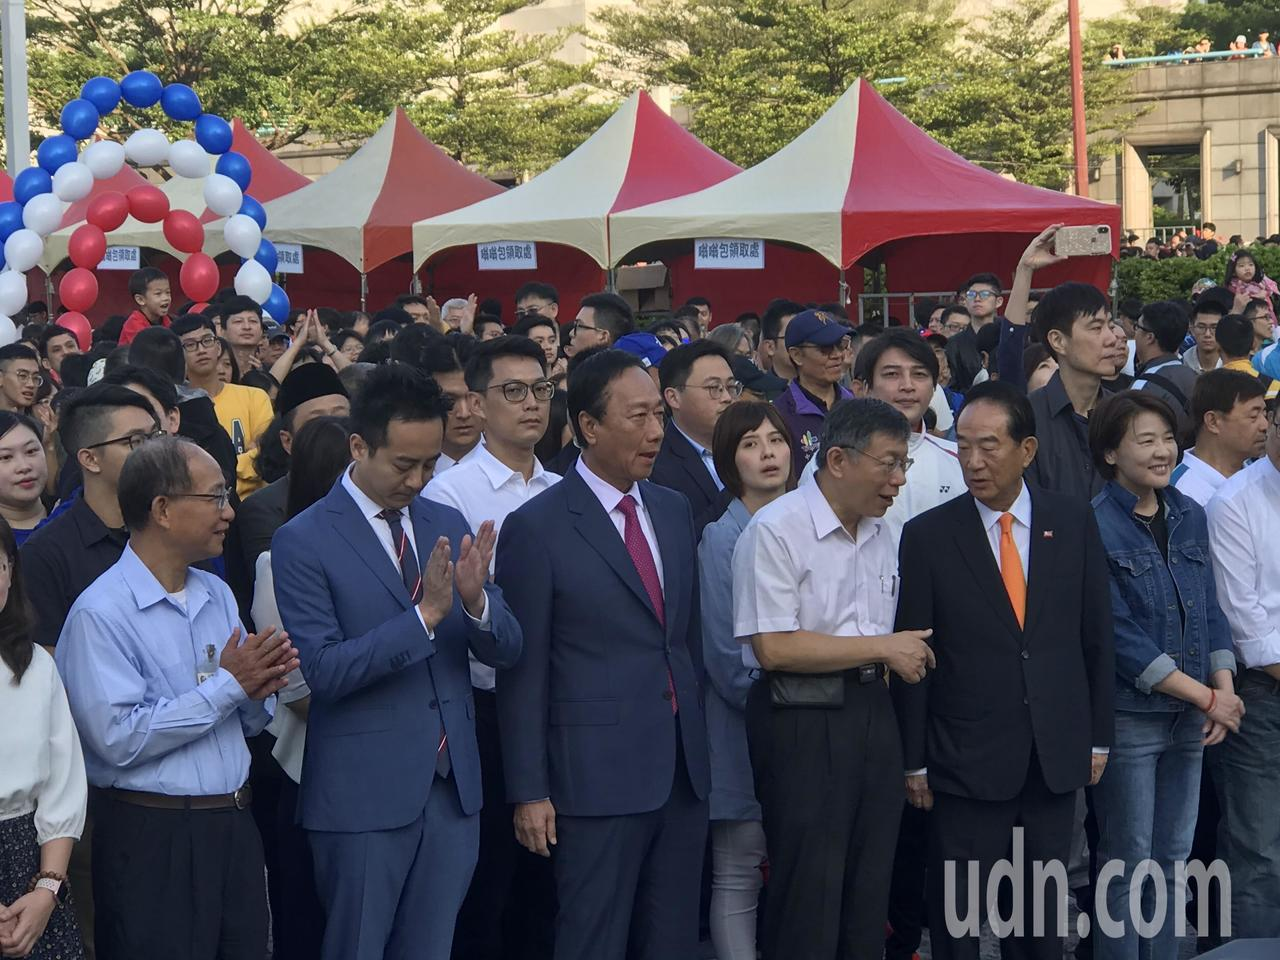 台北市政府將在市府前廣場舉辦升旗典禮,台北市長柯文哲、鴻海創辦人郭台銘及親民黨主...